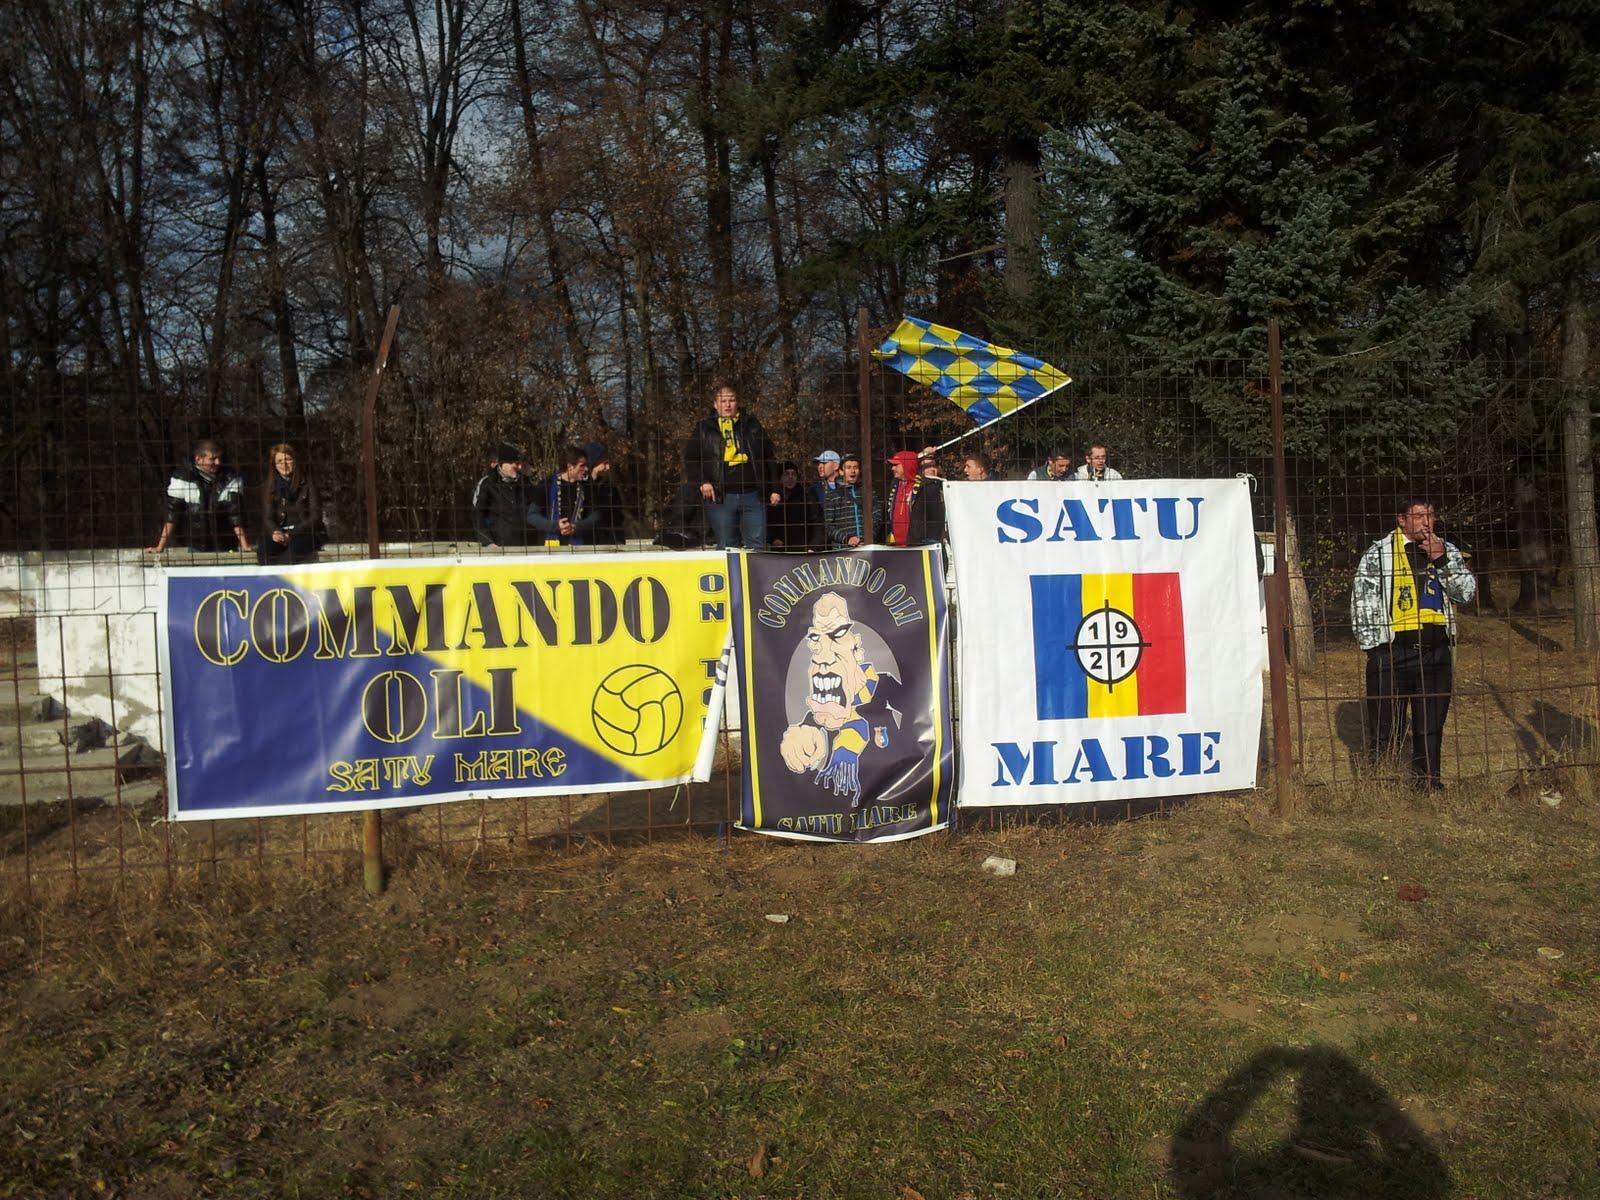 Olimpia Satu Mare 2011-11-11%2B14.11.28